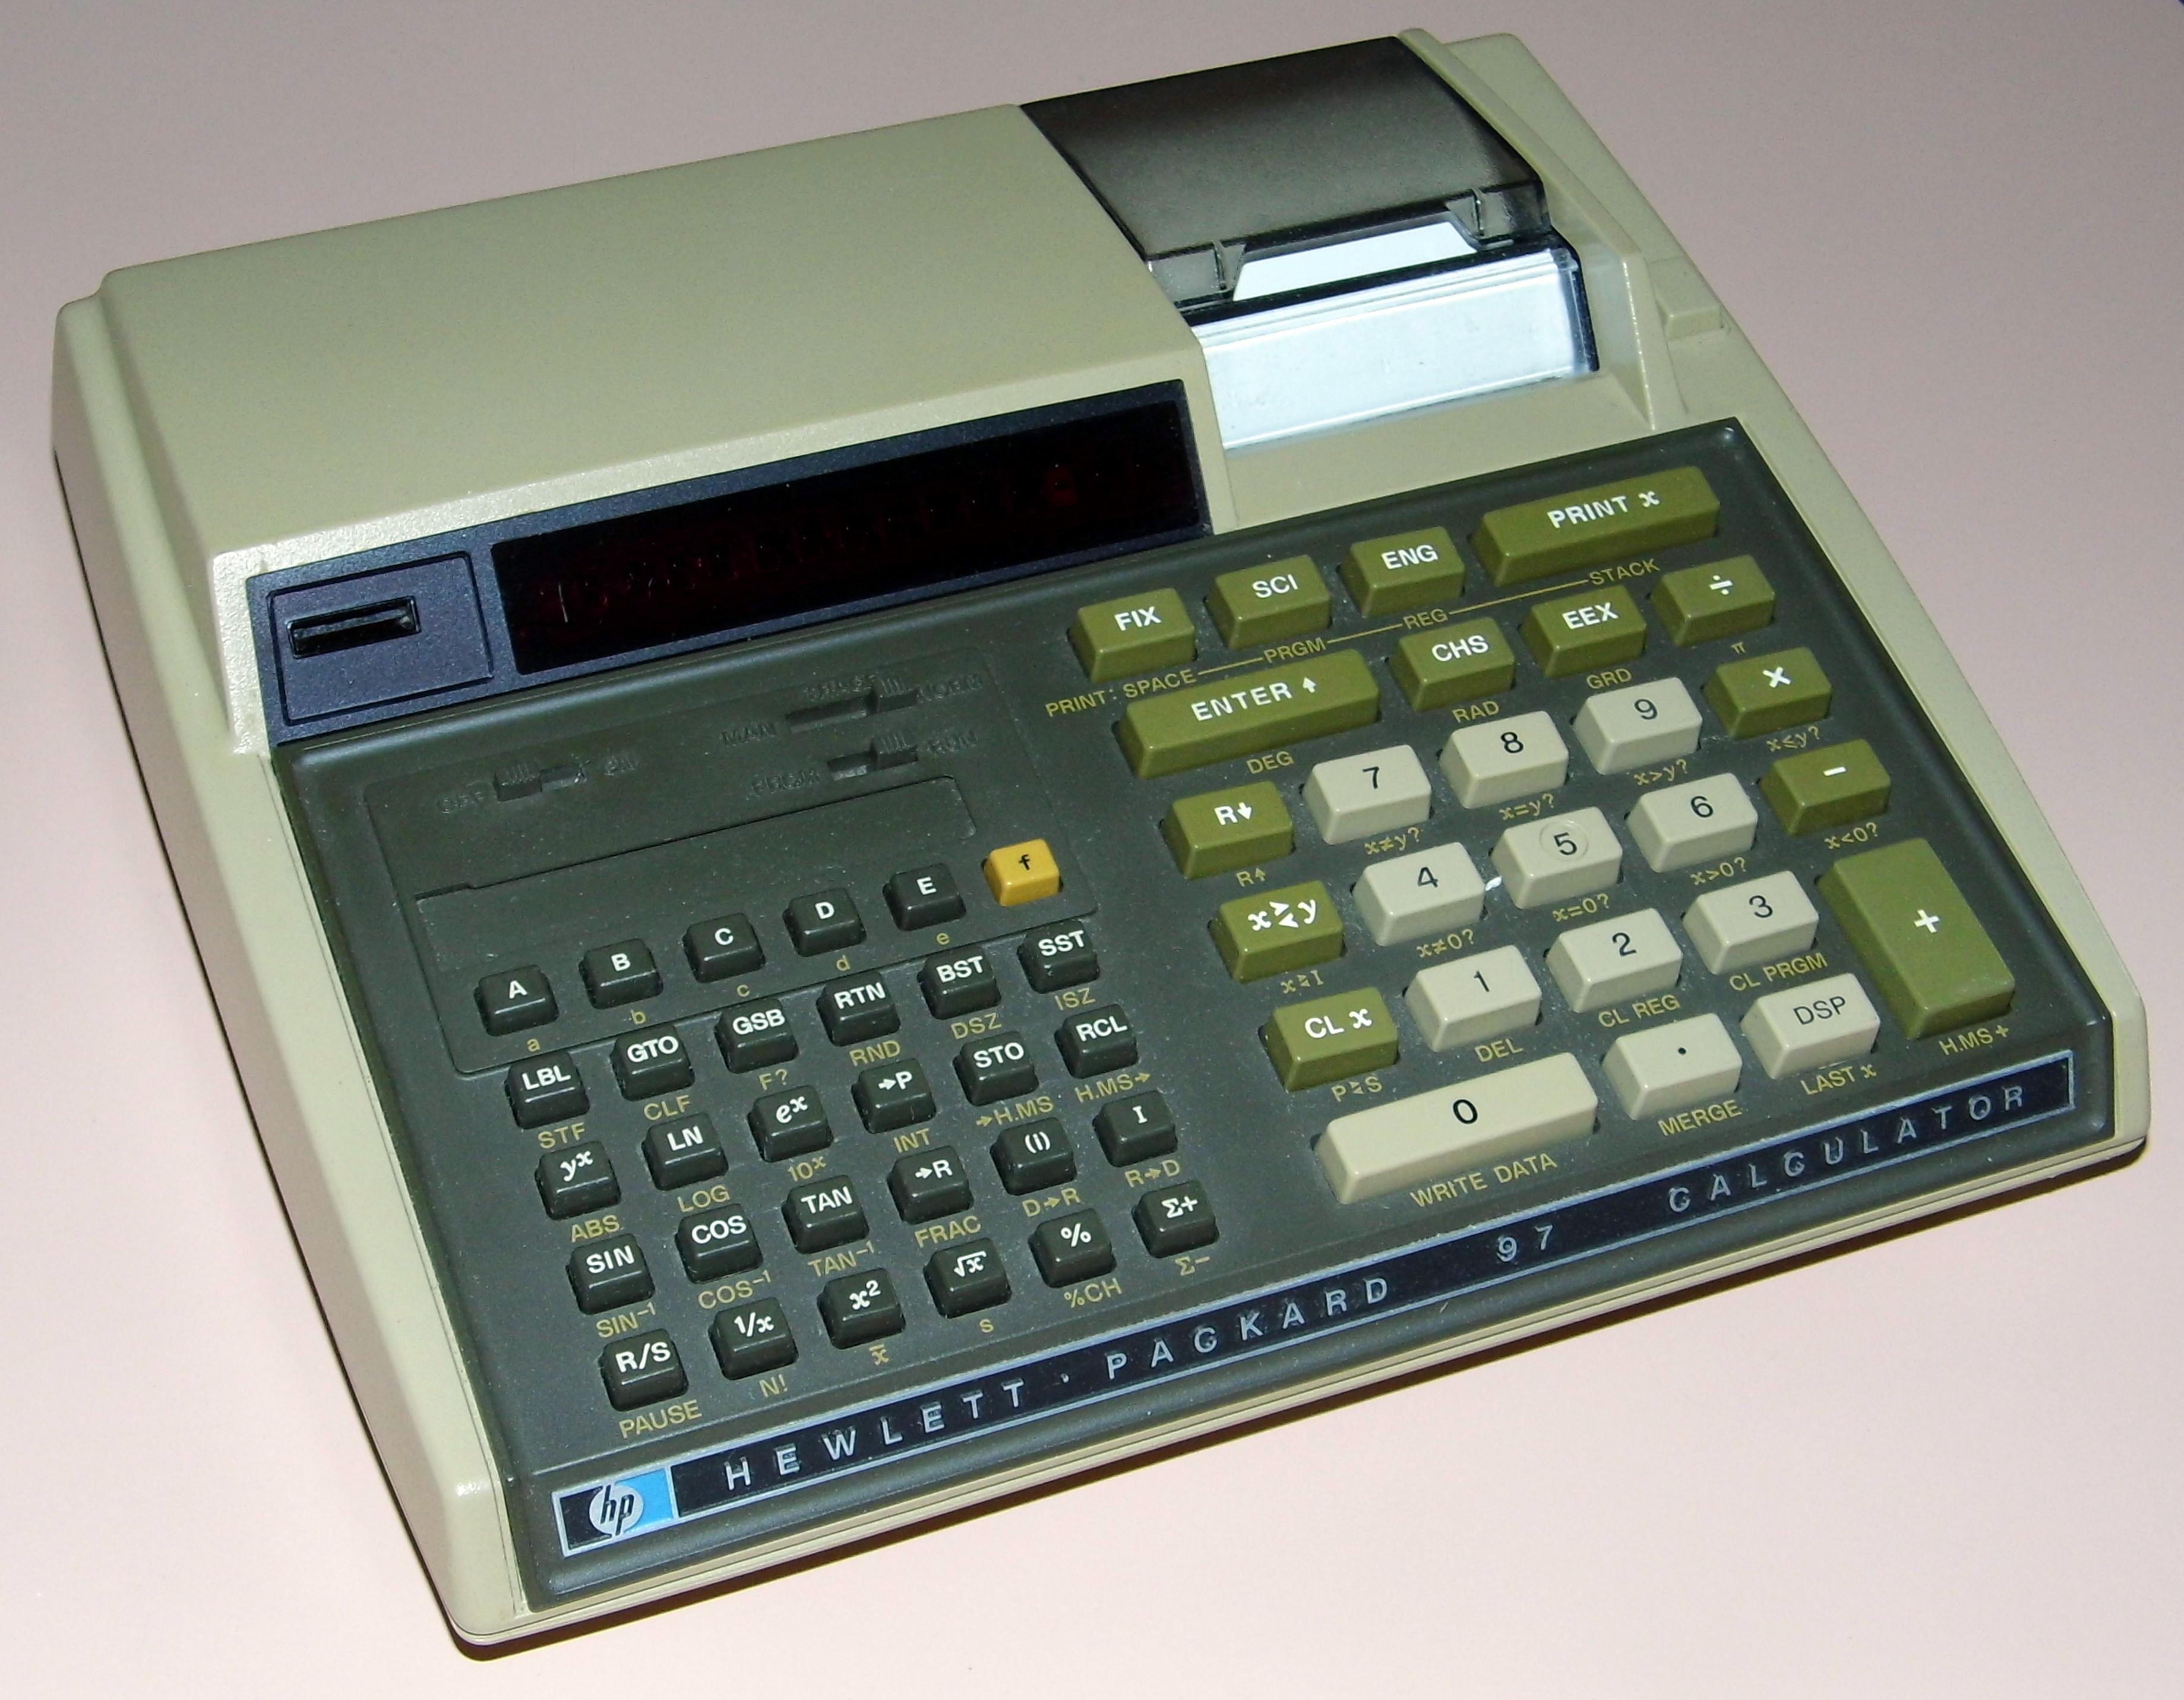 Canon f-605 7 segment lcd scientific calculator 9832b001.